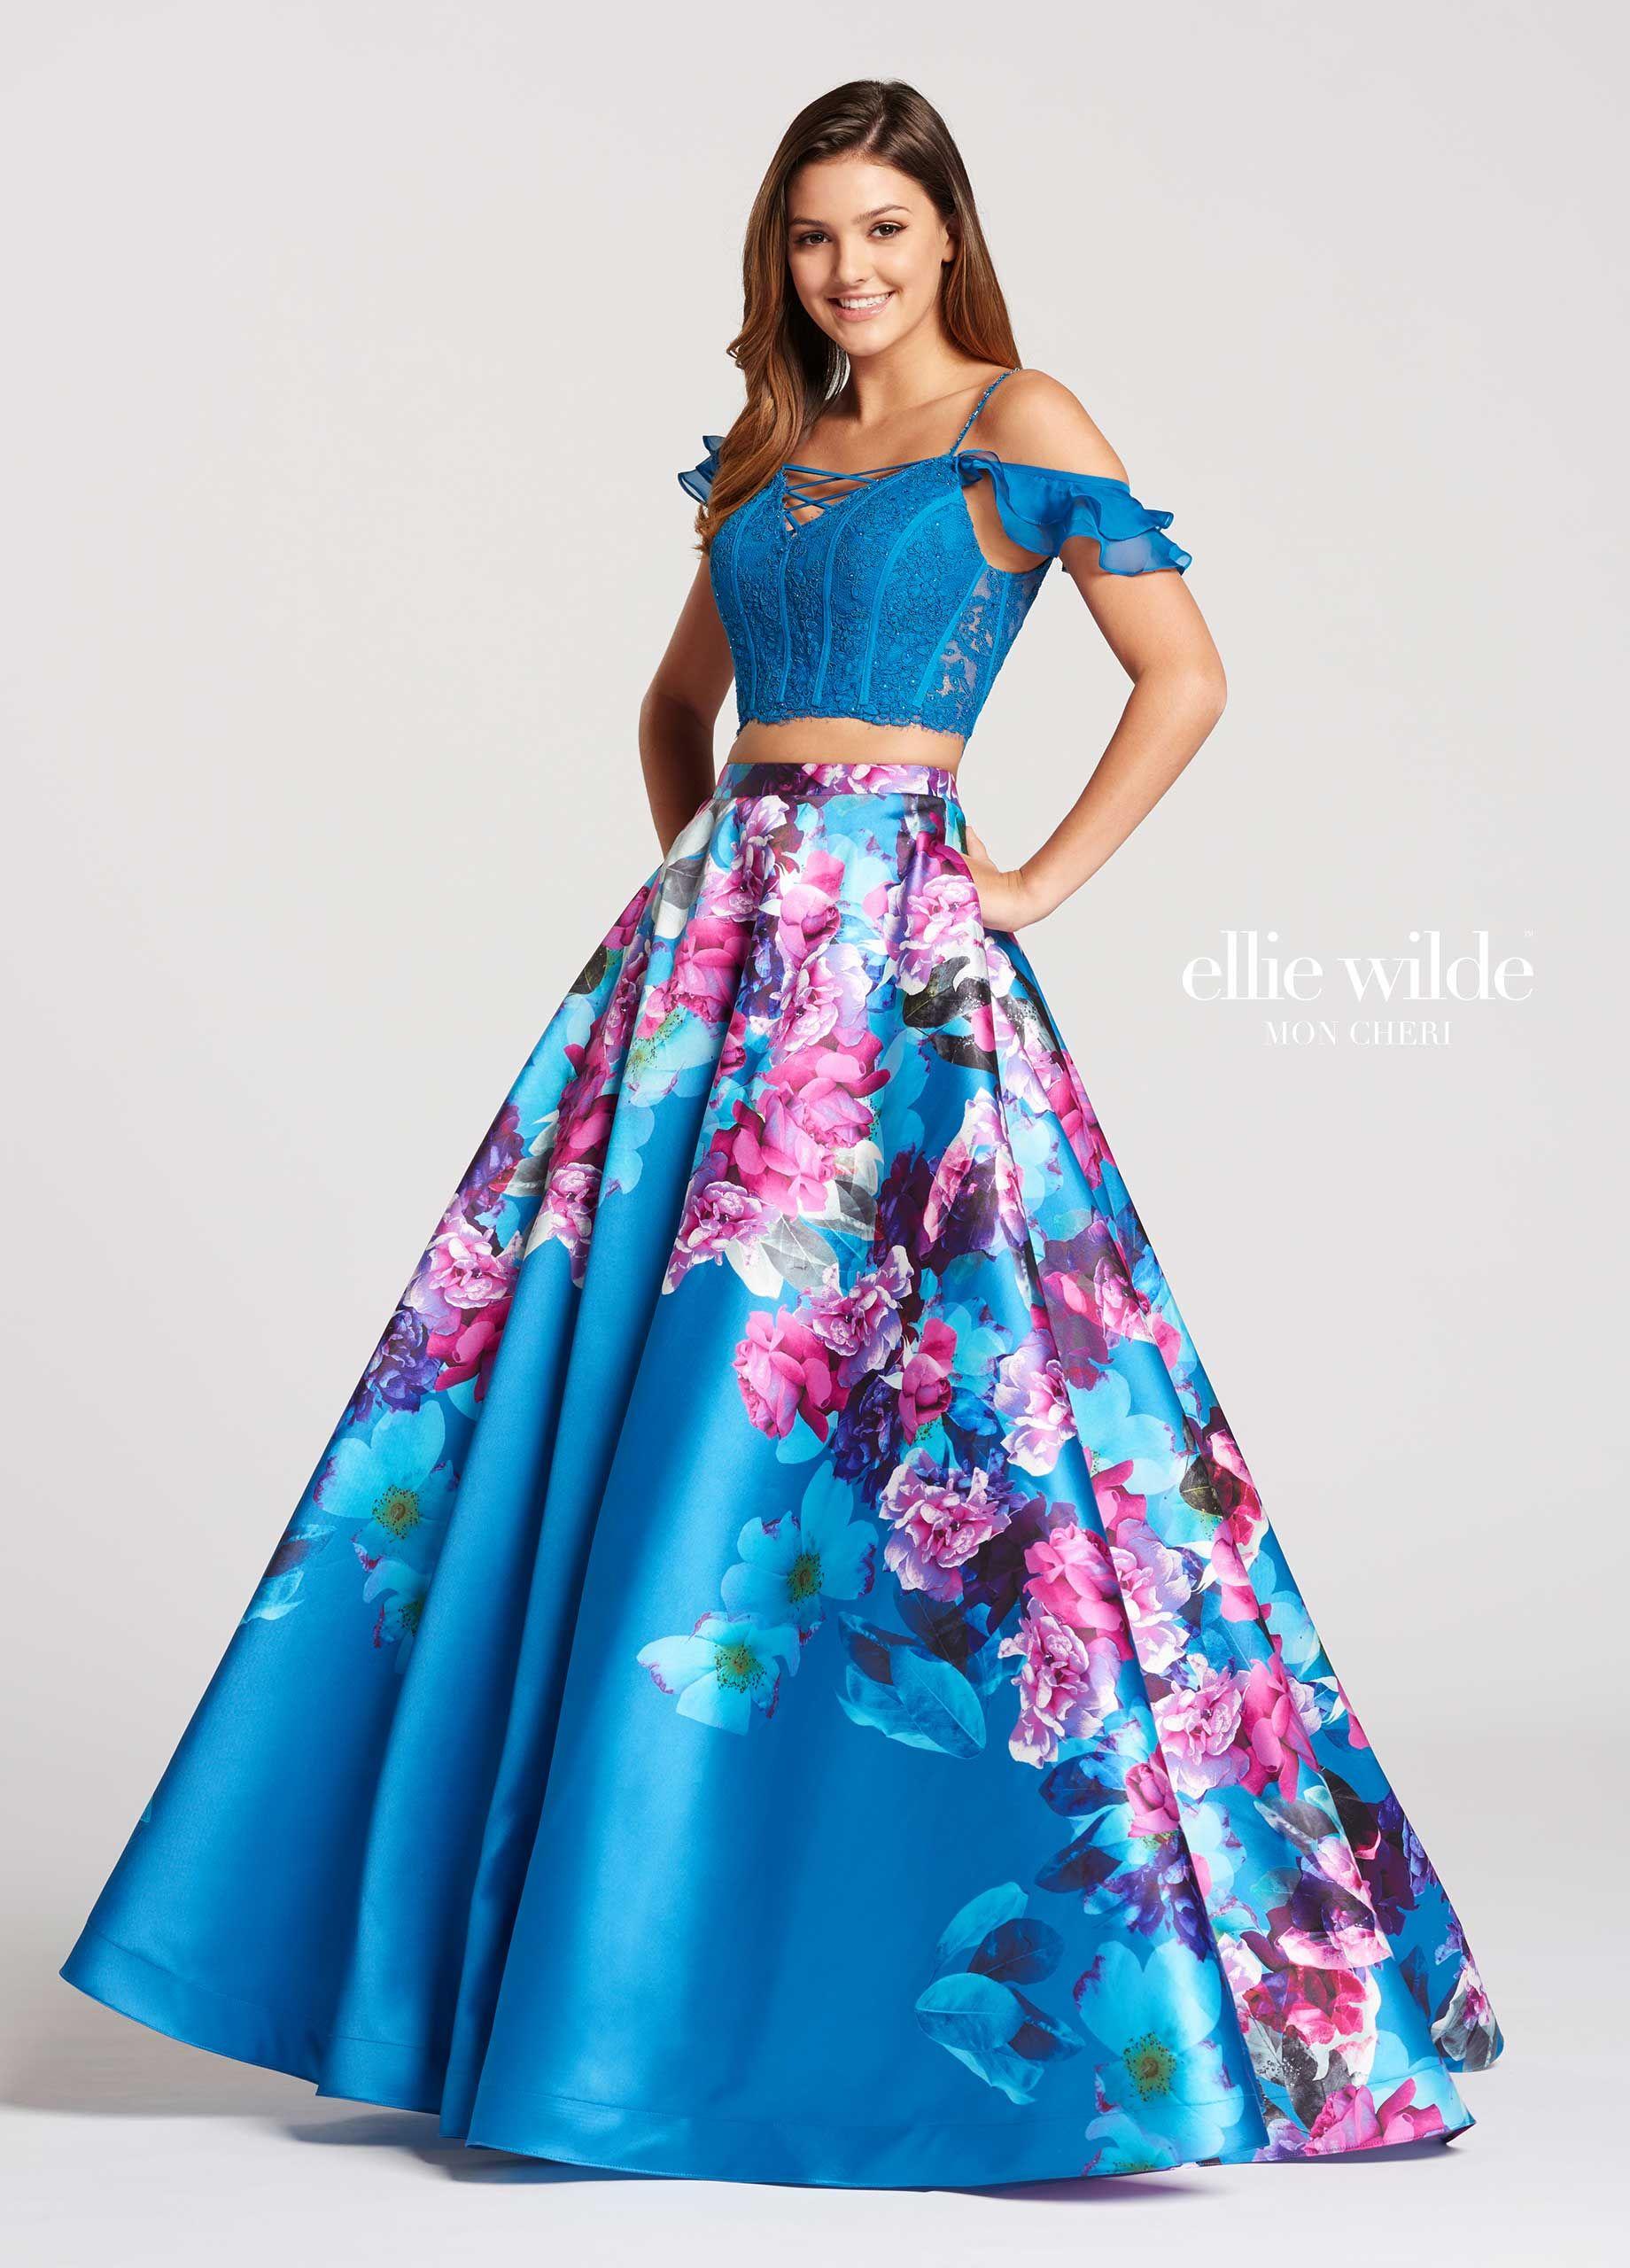 Piece aline lace u mikado prom dress with pockets ew